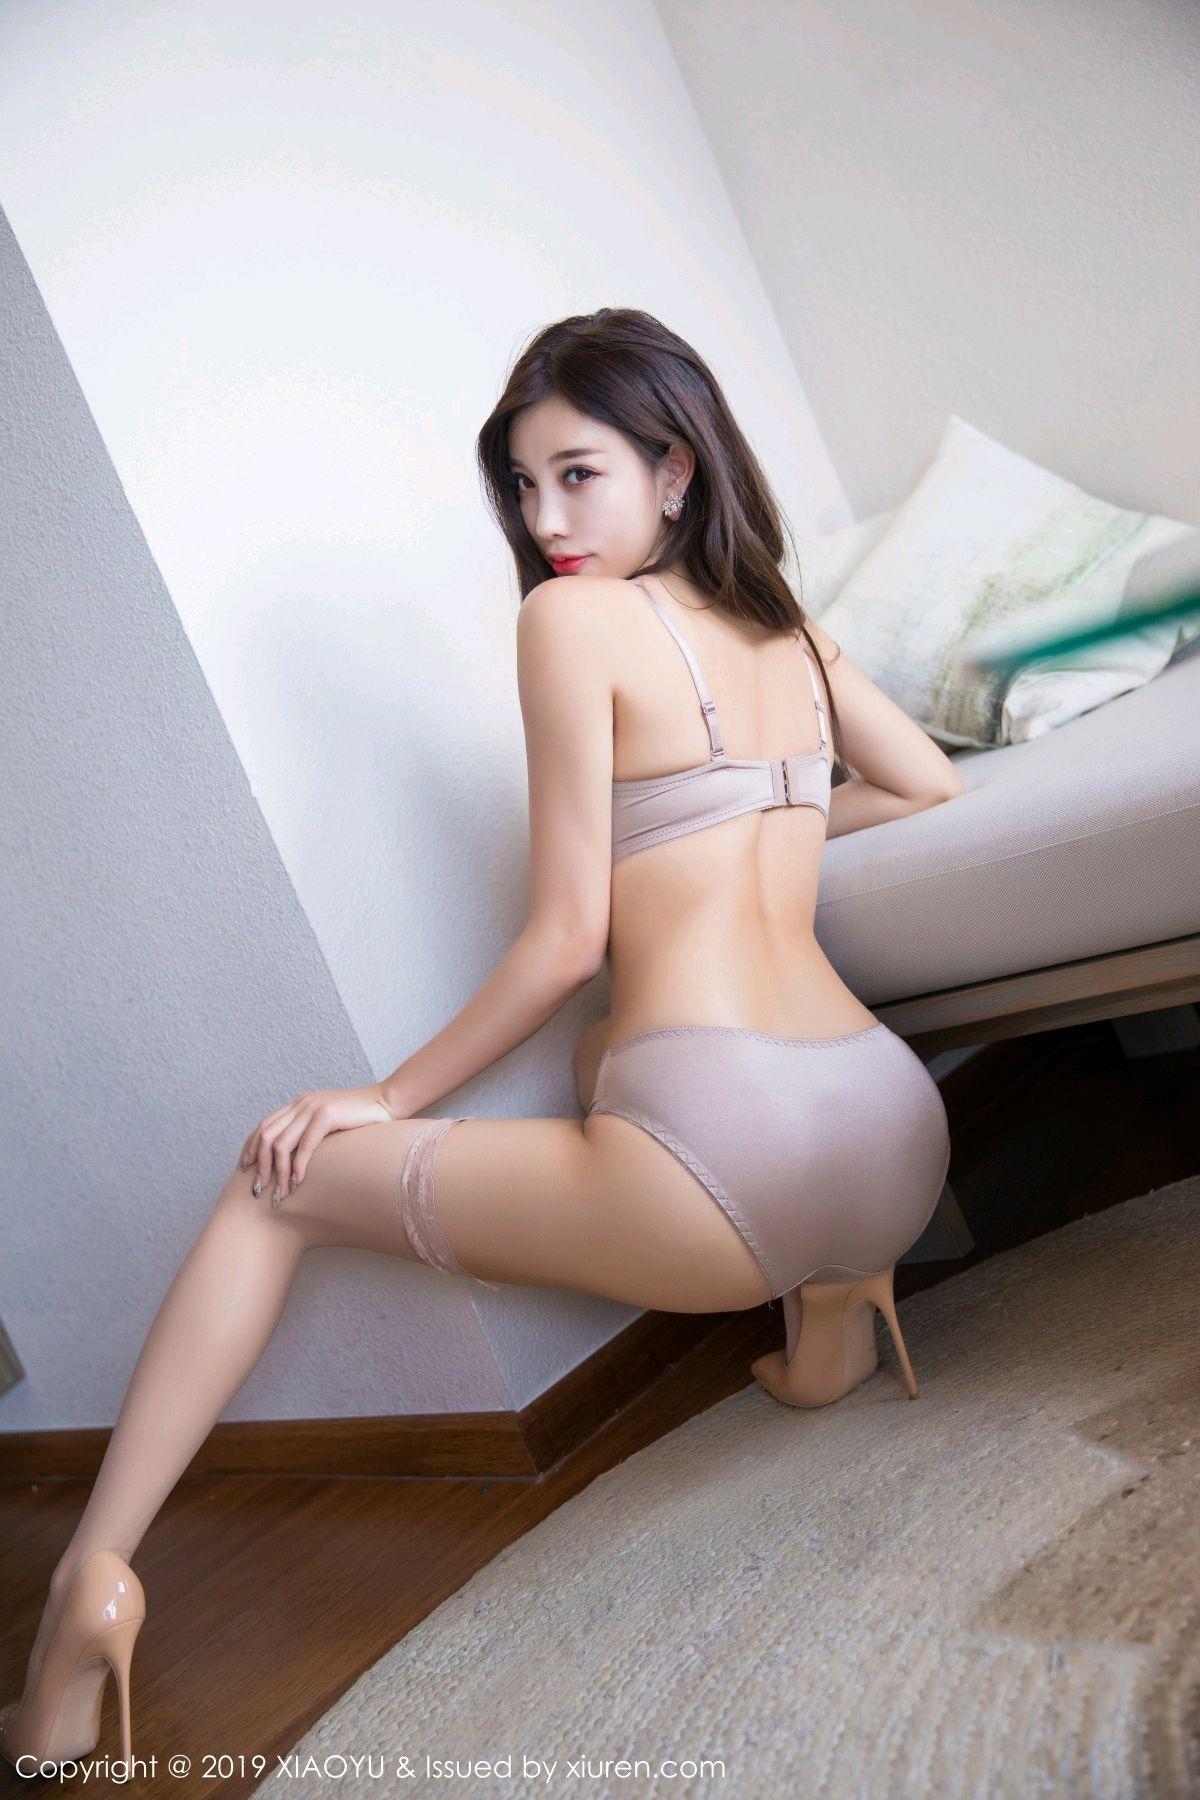 [XiaoYu] Vol.067 Yang Chen Chen 42P, Beach, Underwear, XiaoYu, Yang Chen Chen